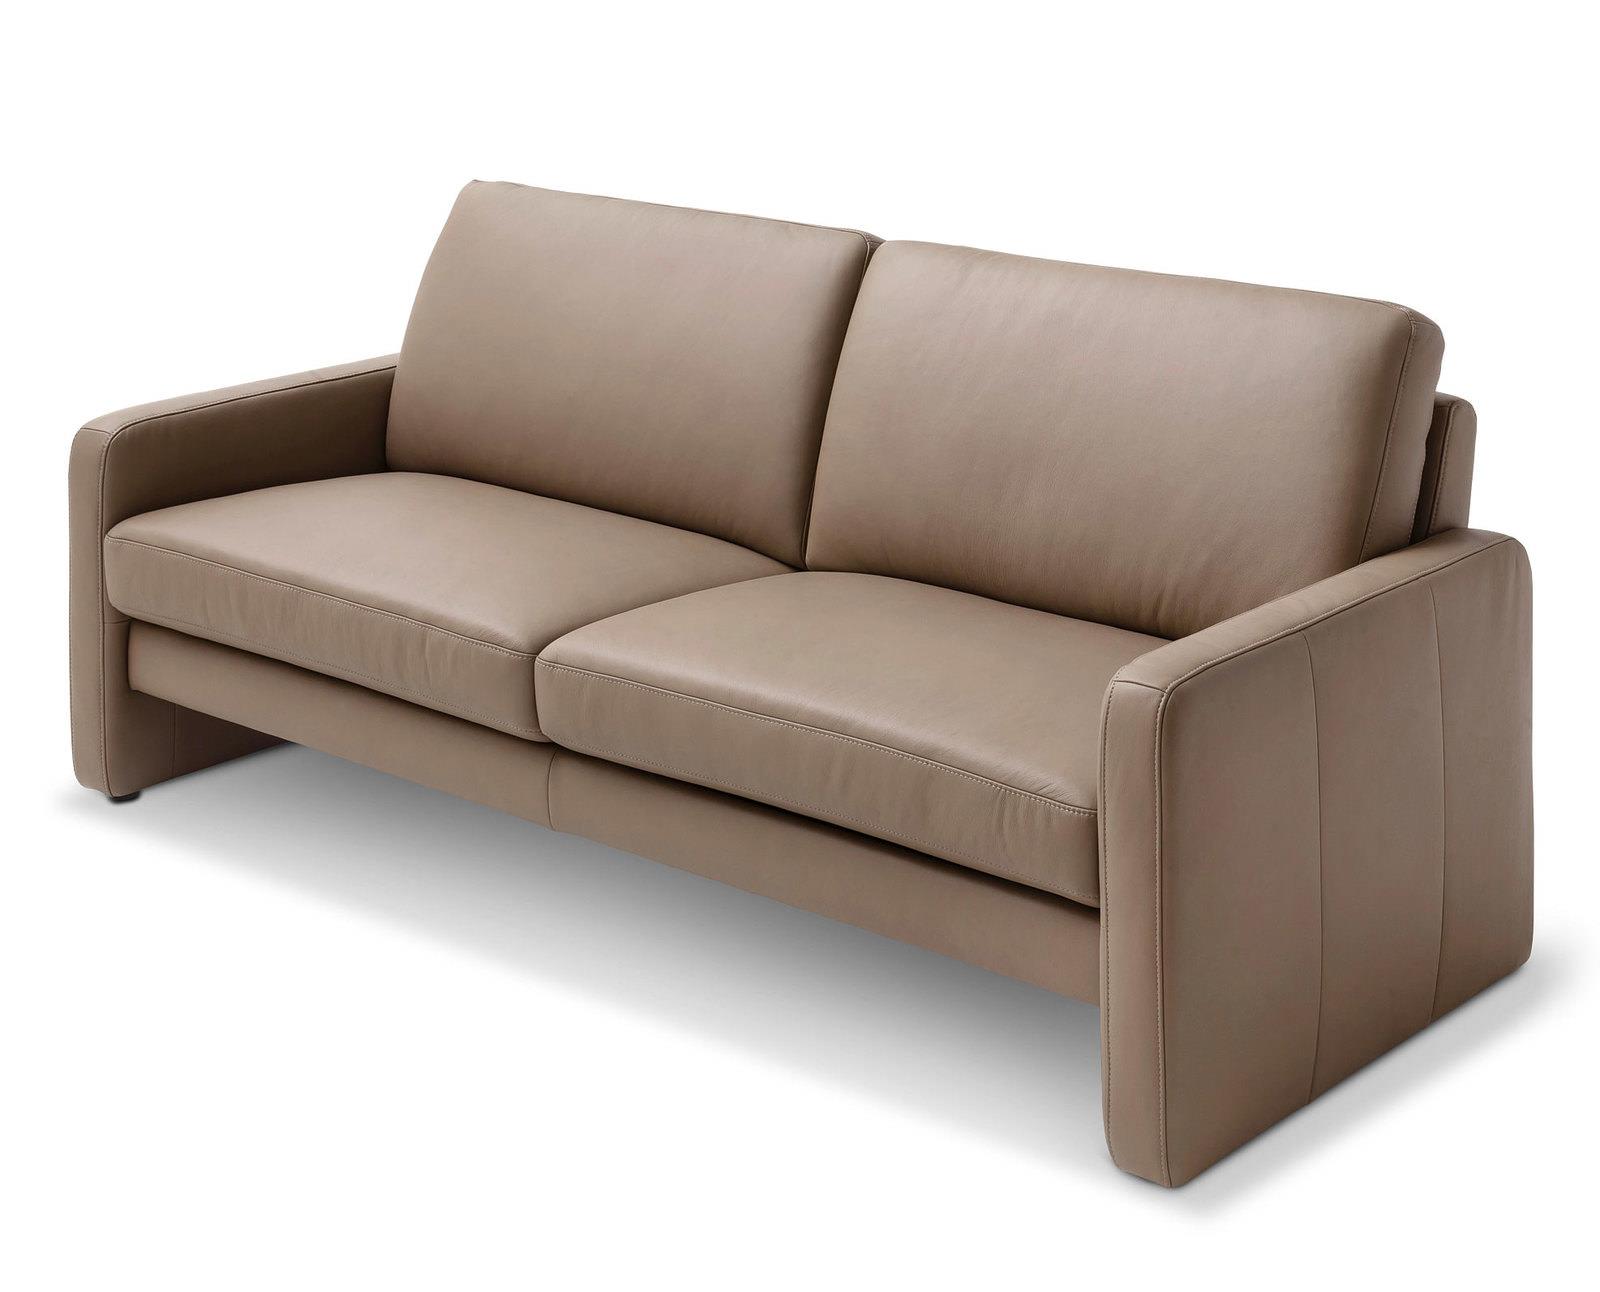 Mondo 25 Sitzer Sofa Online Entdecken Knuffmann Ihr Möbelhaus